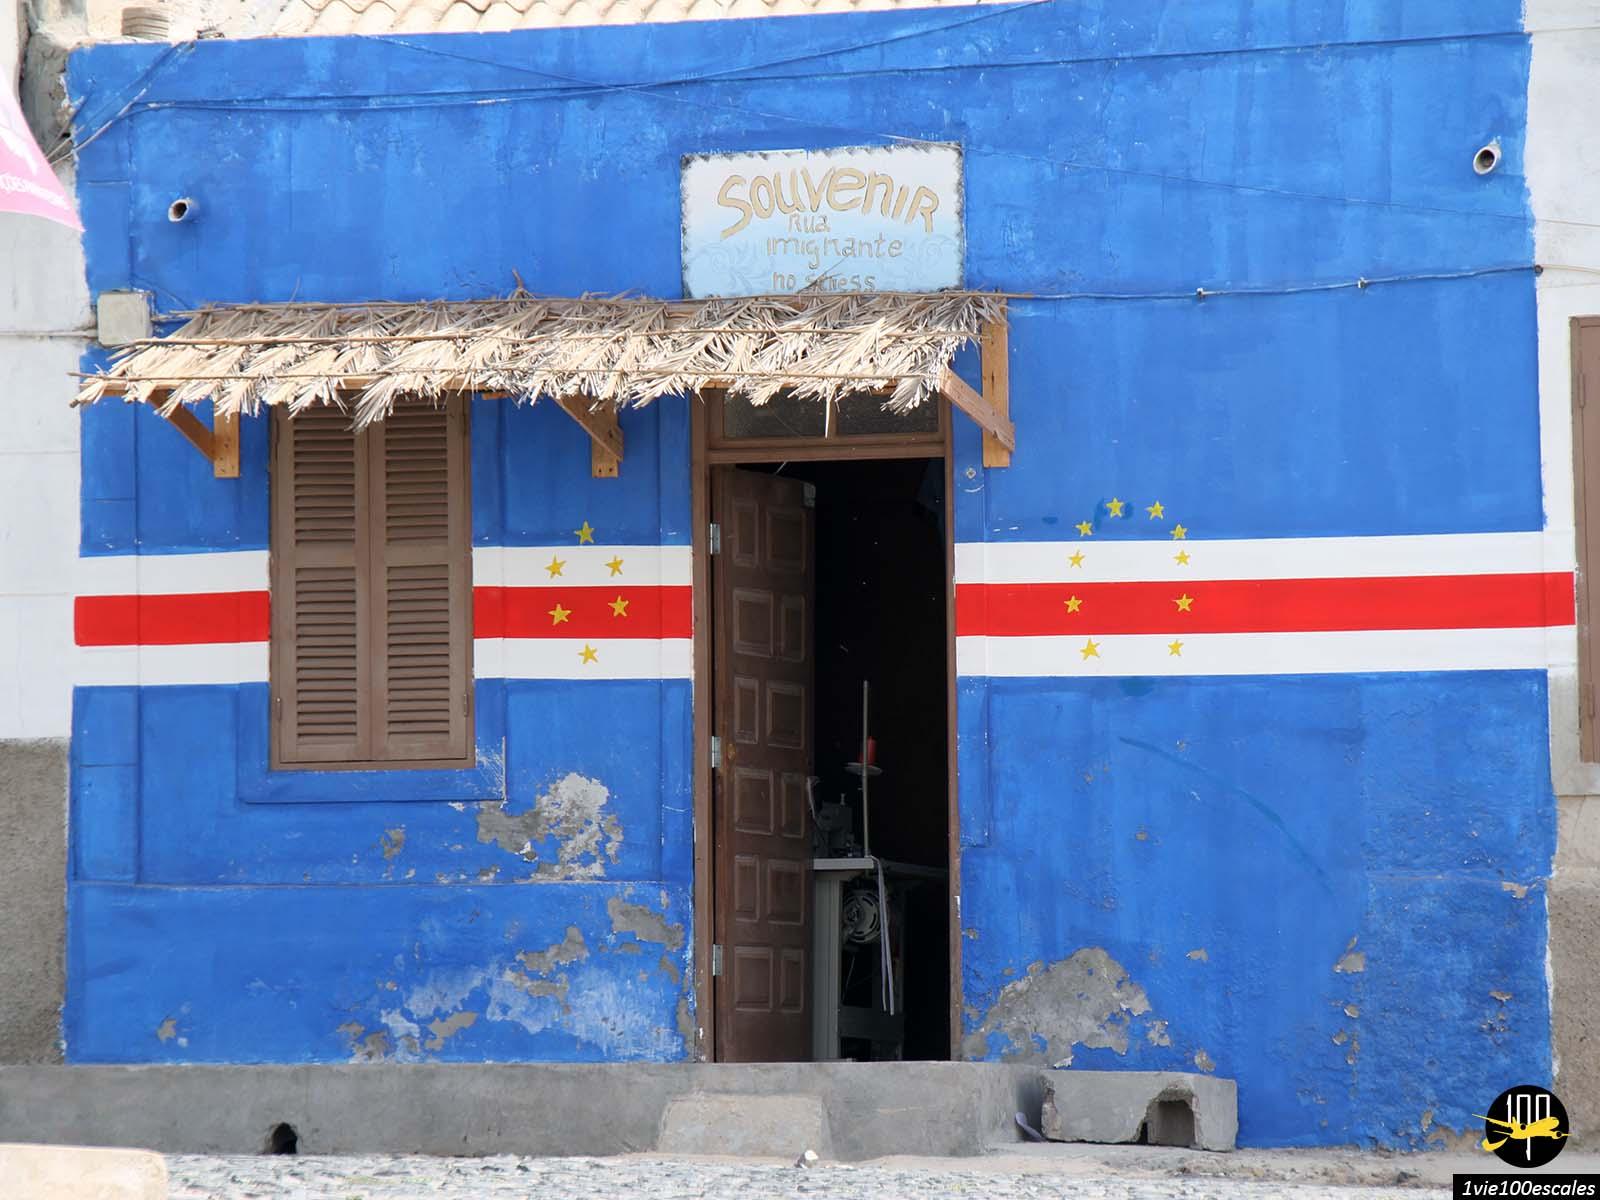 Un magasin de souvenirs aux couleurs du drapeau du Cap-Vert